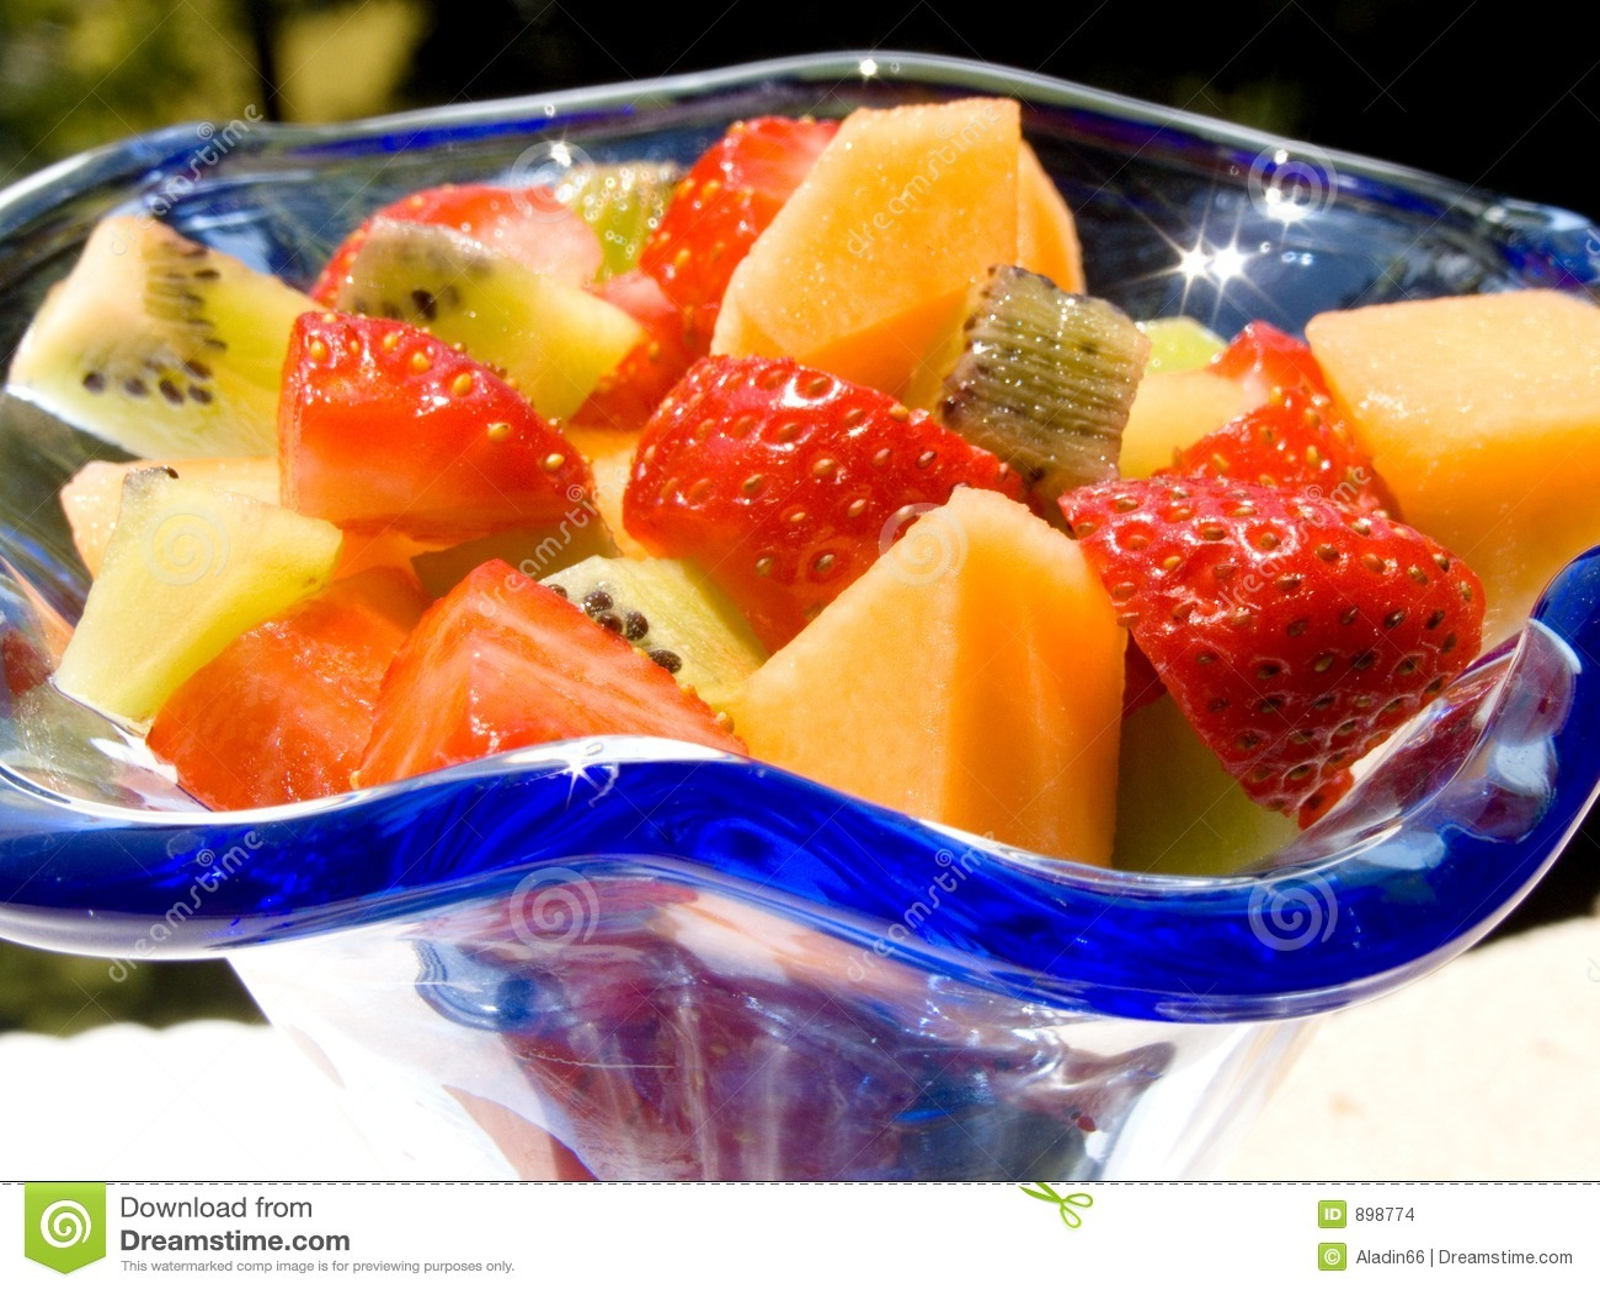 ensalada de fruta fresca imagenes de archivo imagen 898774